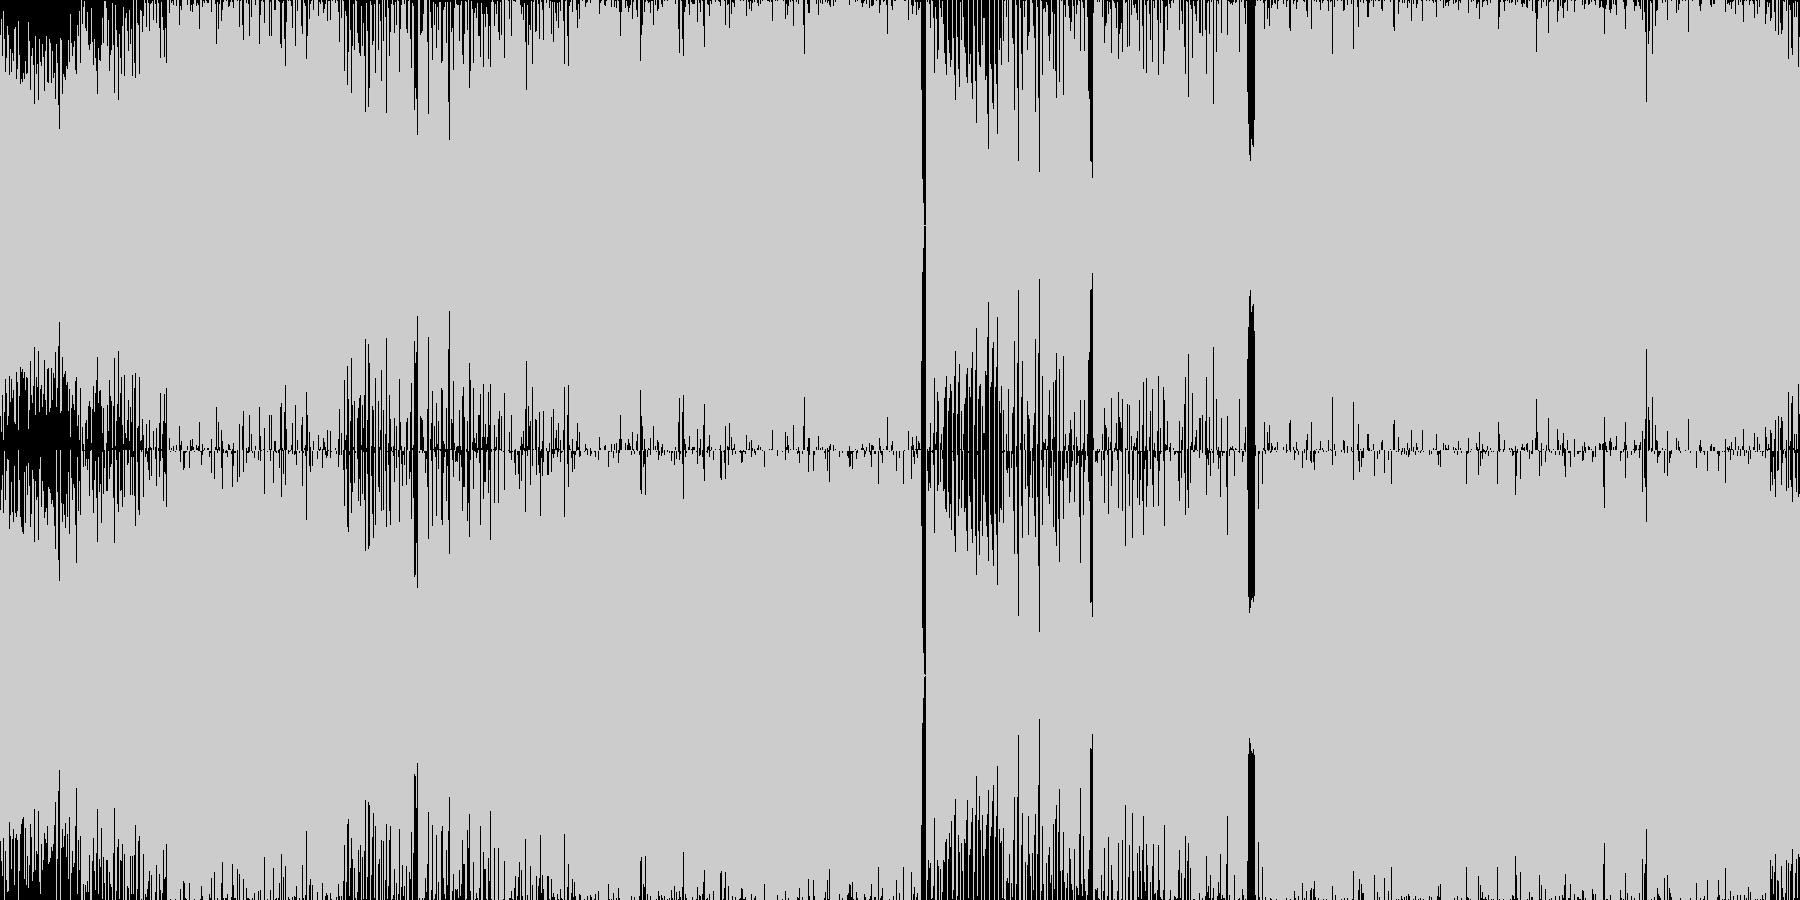 ループ■きらめき跳ねるテクノポップの未再生の波形